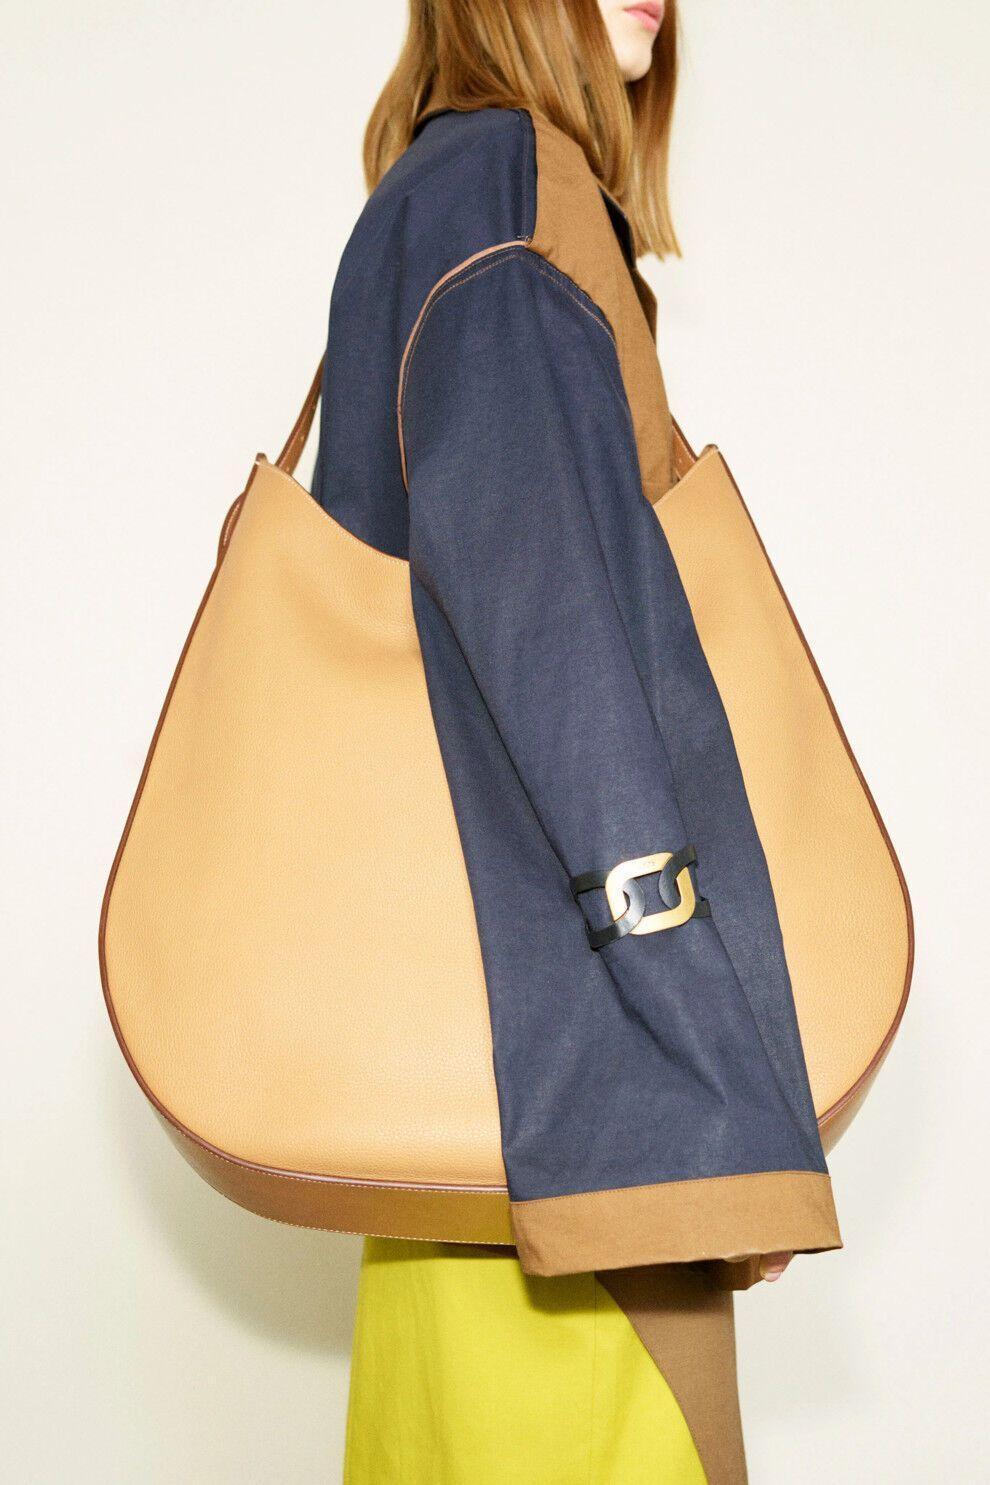 Ультраоб'ємні сумки будуть в моді.